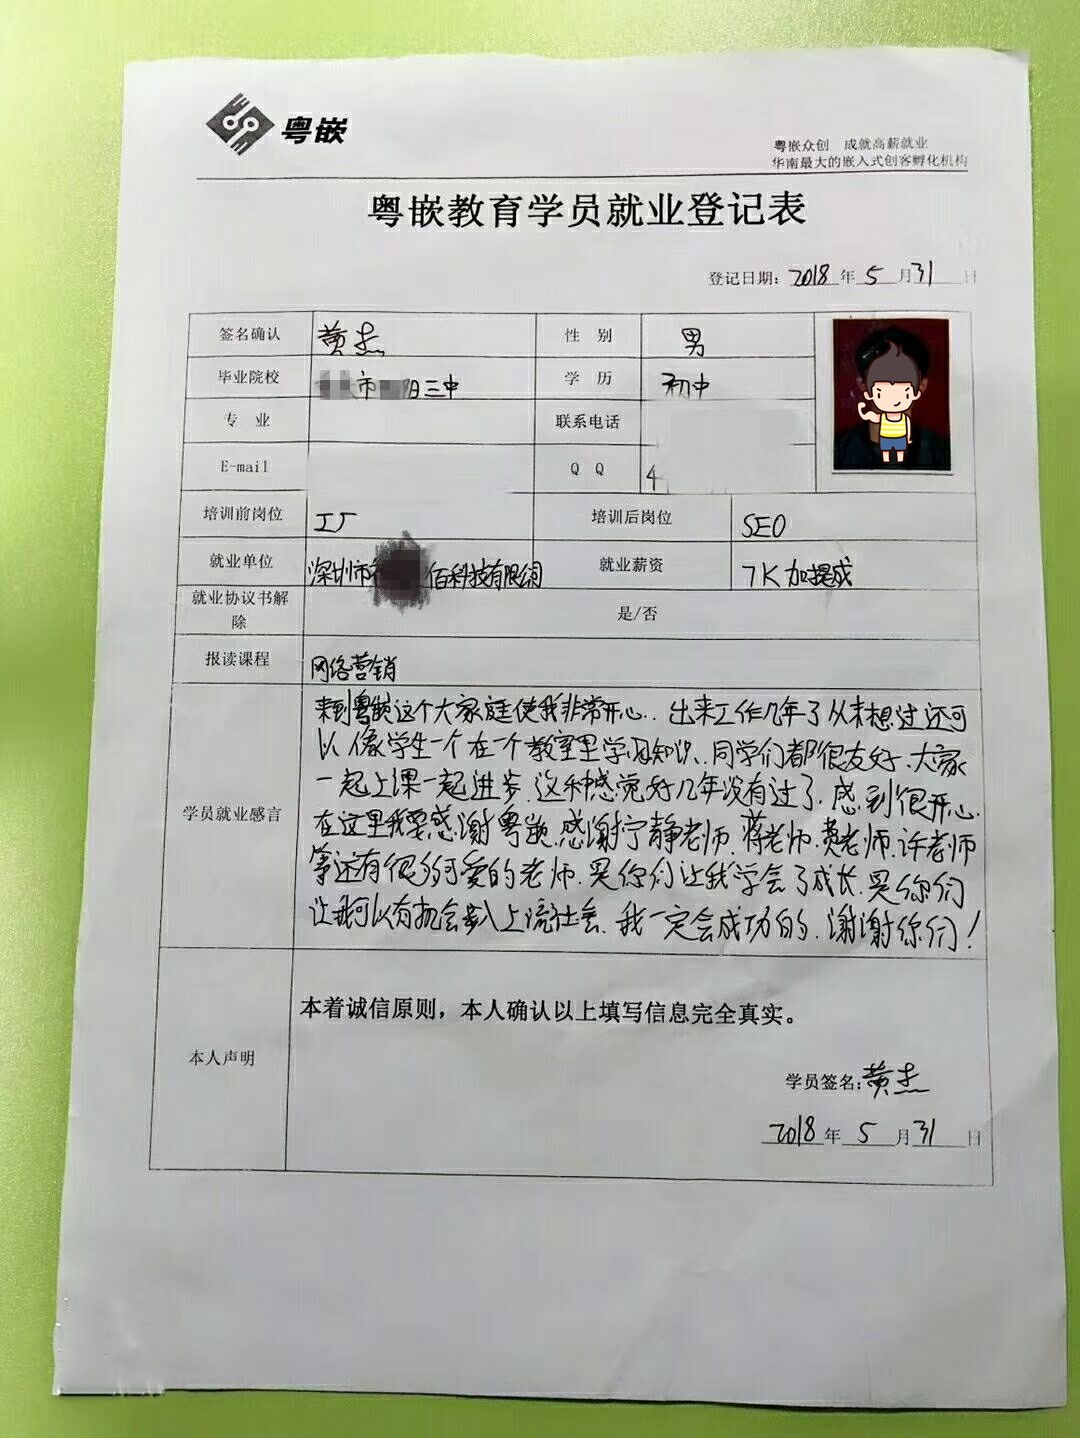 初中毕业前路迷茫 在粤嵌培训后月薪7k+